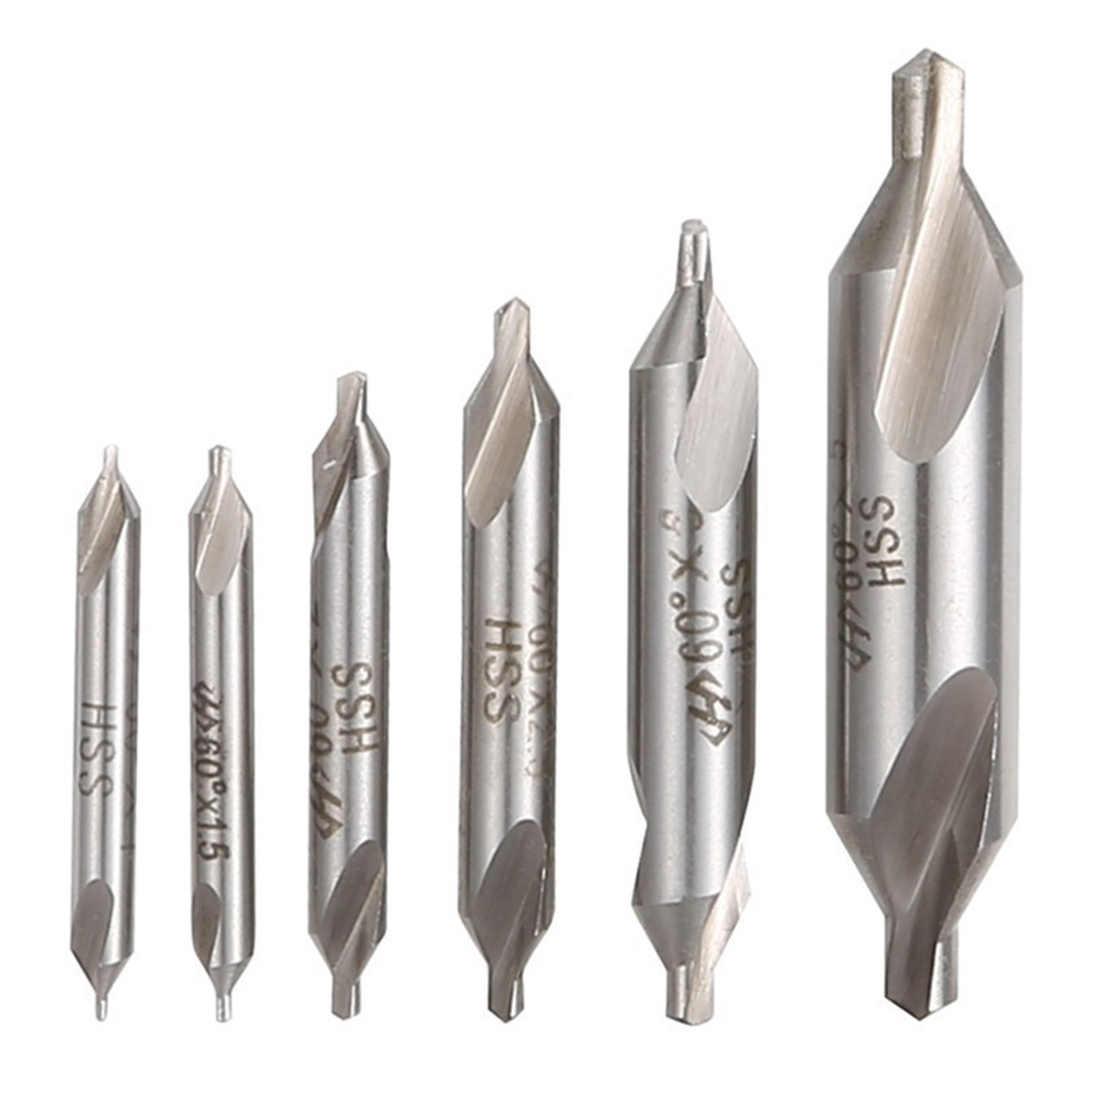 Forets centraux combinés en acier rapide HSS 60 degrés ensemble de forets de fraisage 1mm 2mm 3mm 5mm pour accessoires d'outils électriques